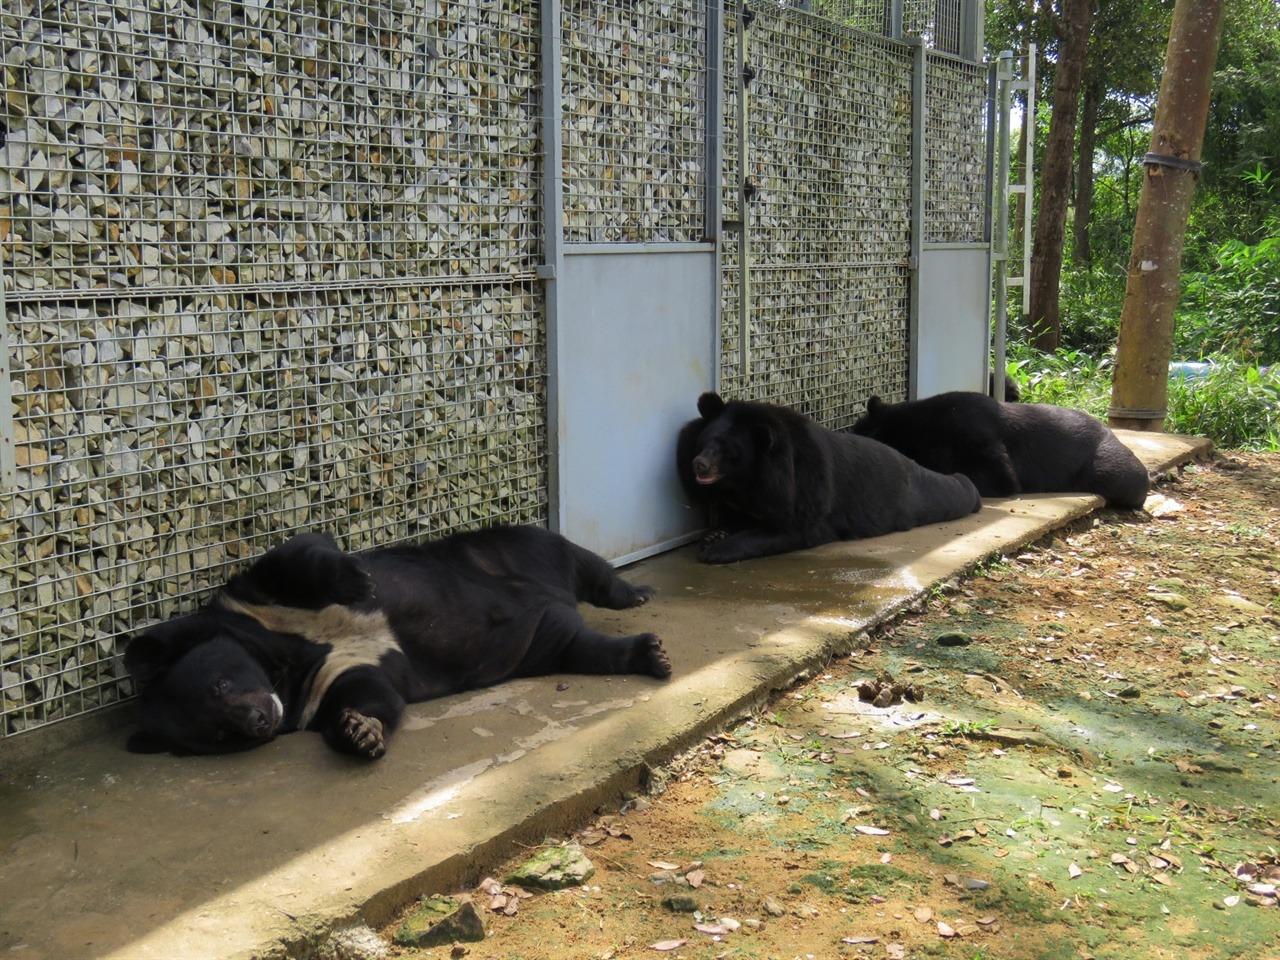 베어하우스 그늘에서 늘어지게 자는 곰들